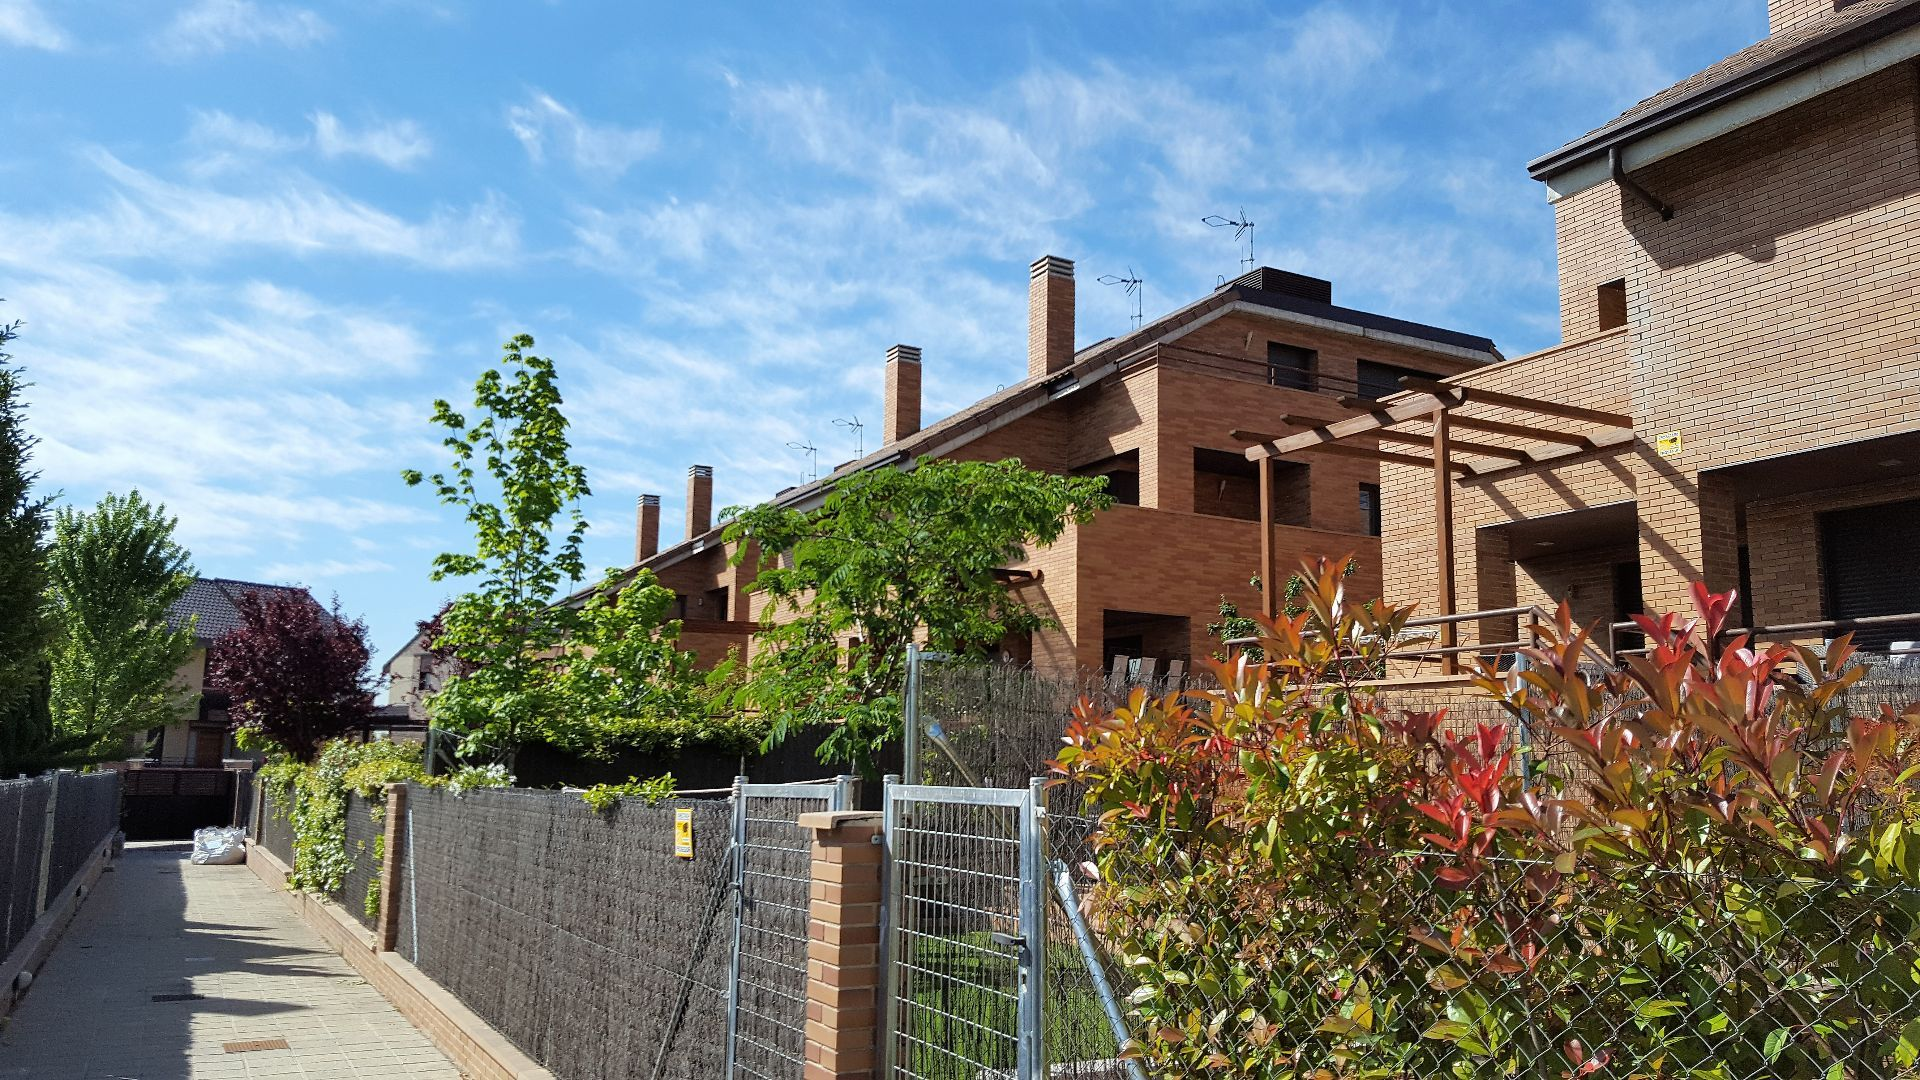 Casa / Chalet en Villanueva de la Cañada, SECTOR 2, venta